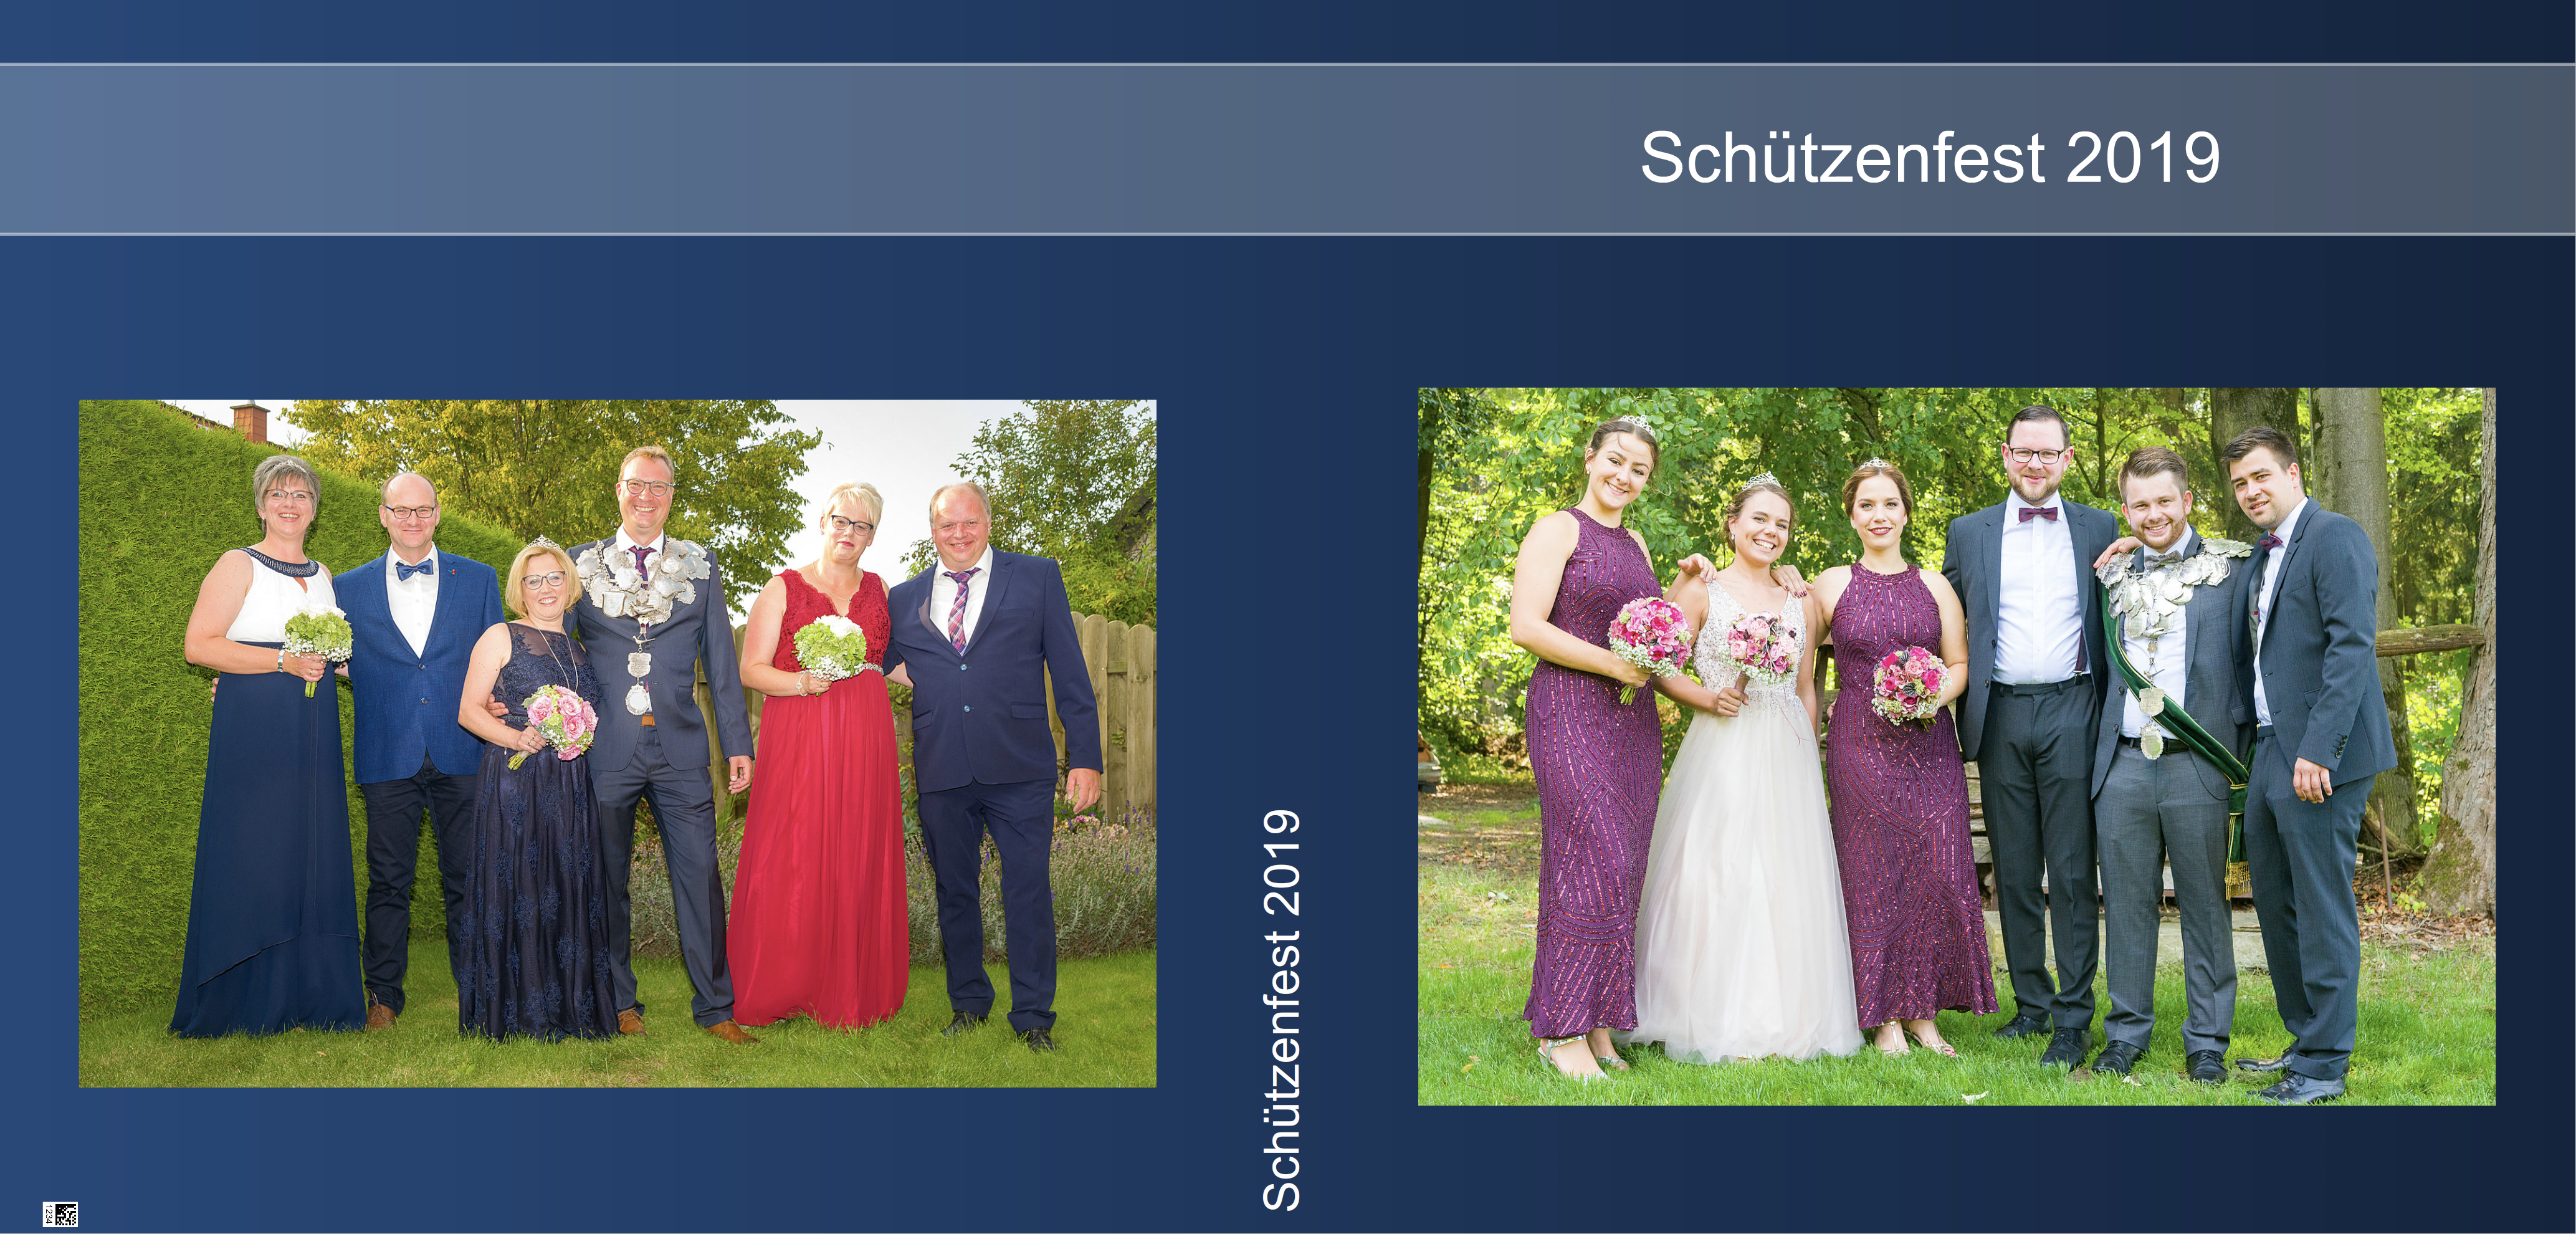 Fotobuch Schuetzenfest 2019